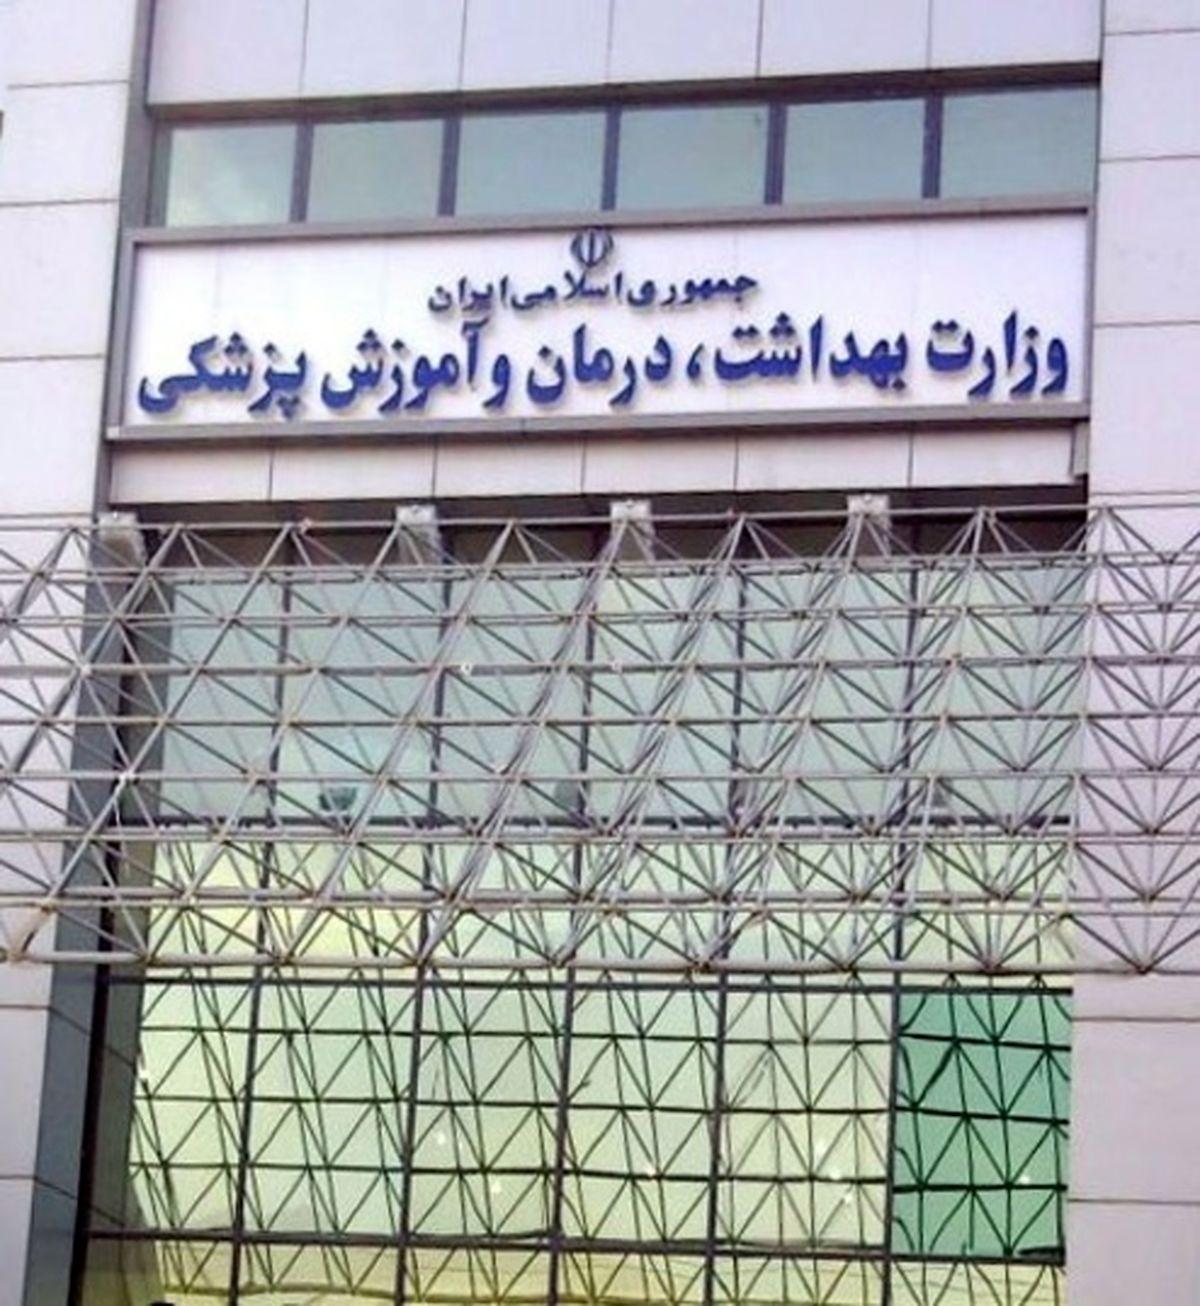 استخدام جدید در وزارت بهداشت آغاز شد + شرایط ثبت نام کلیک کنید